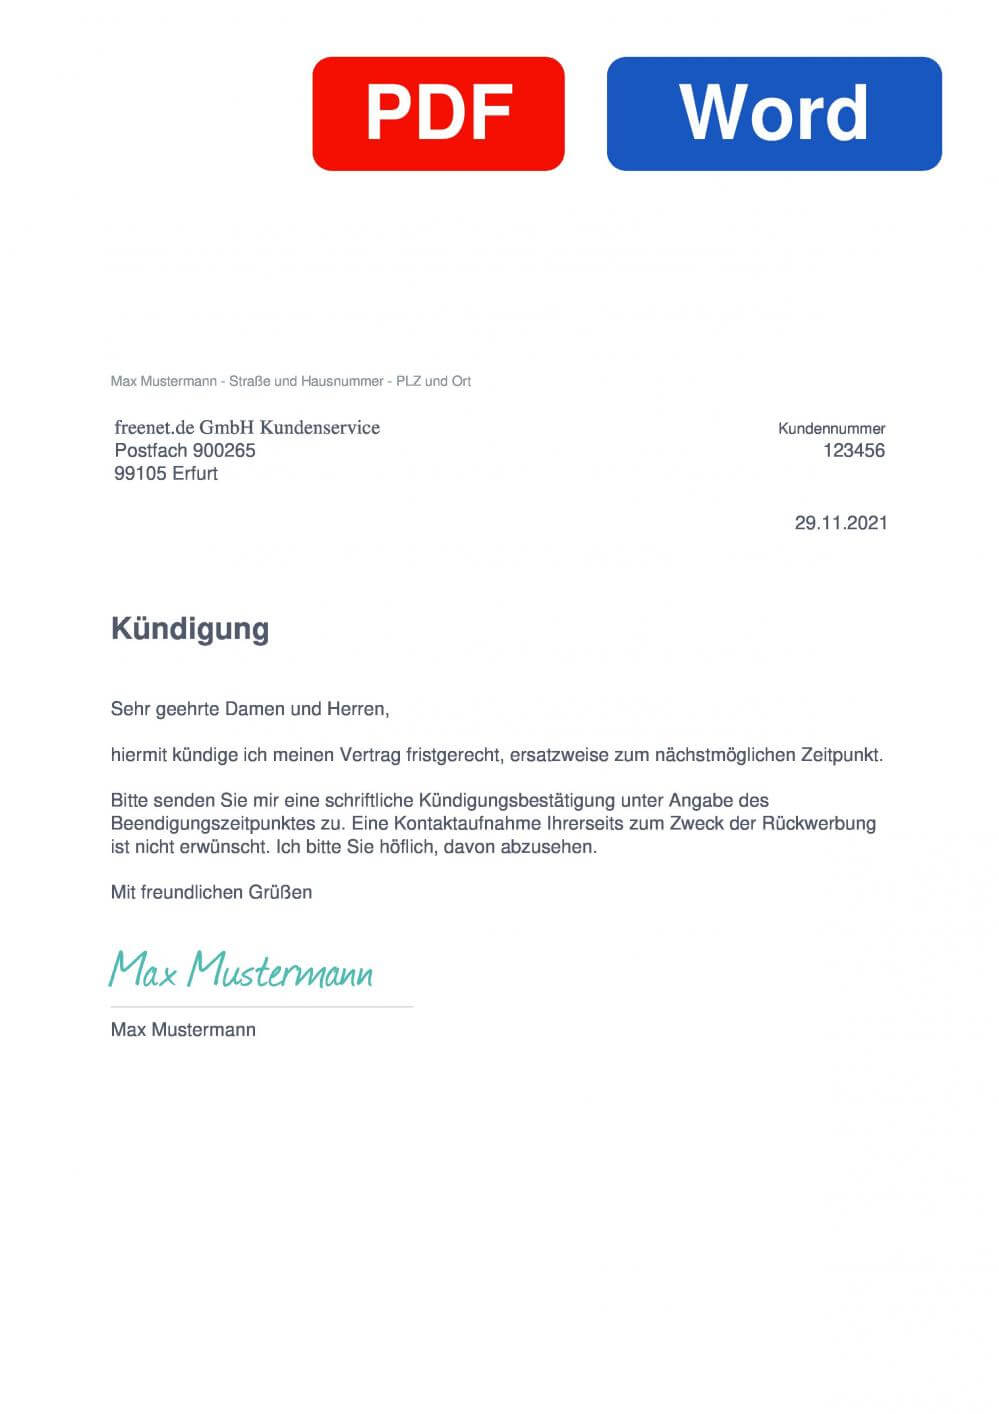 freenetmail Muster Vorlage für Kündigungsschreiben